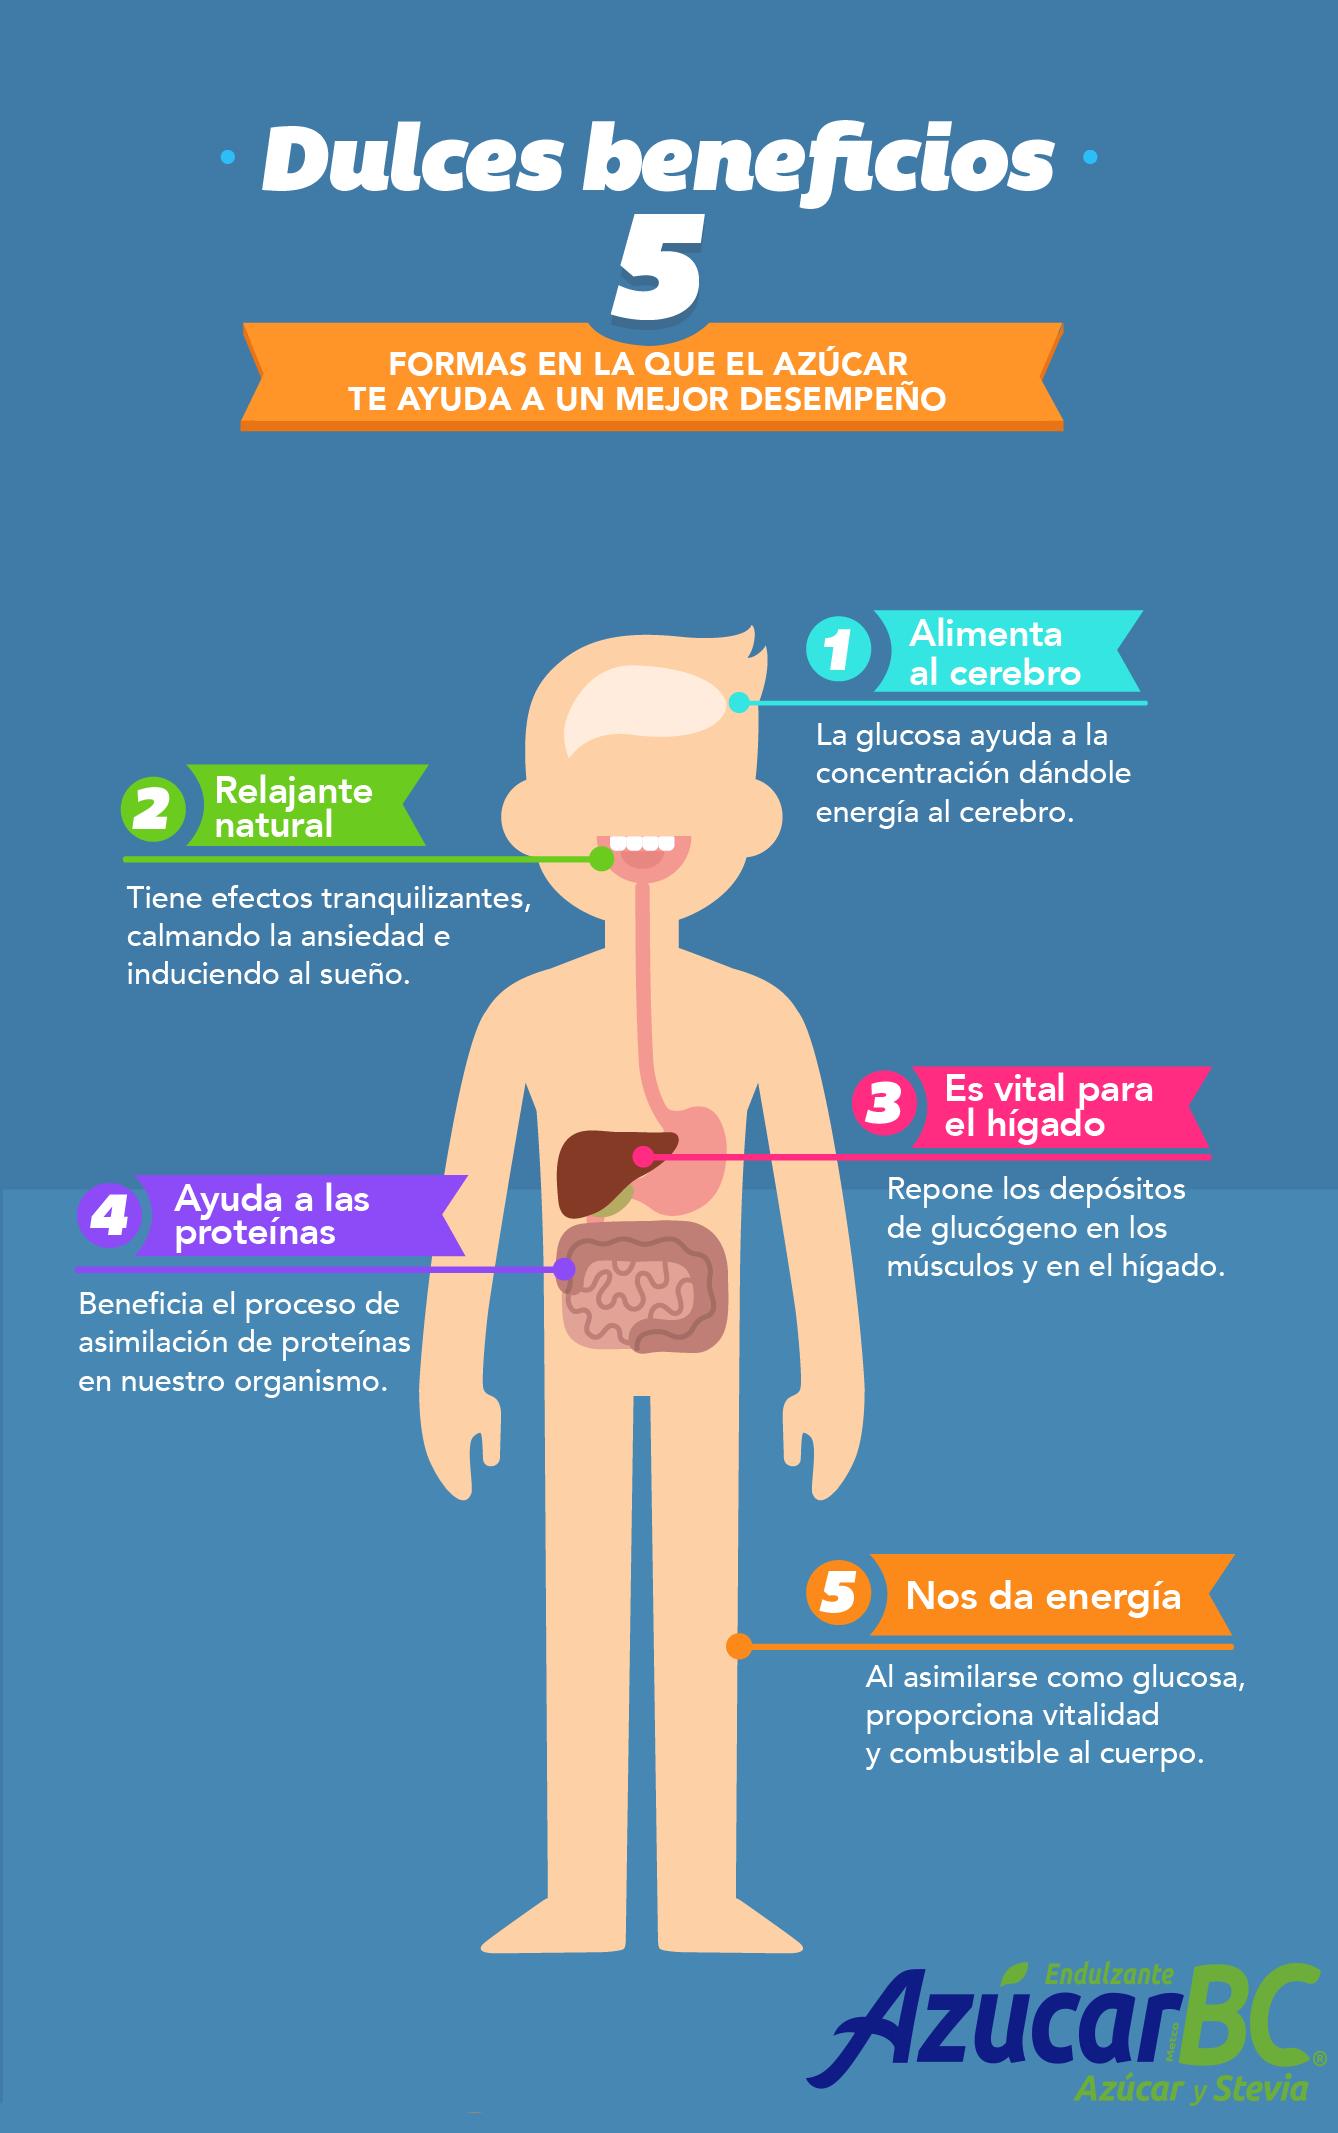 ¿Sabes cuáles son los beneficios del azúcar en tu cuerpo